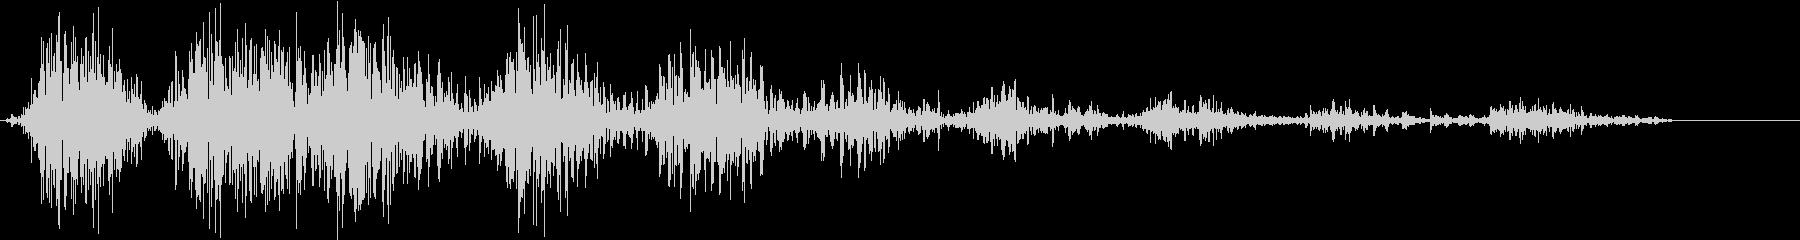 モンスター 笑い声 01の未再生の波形